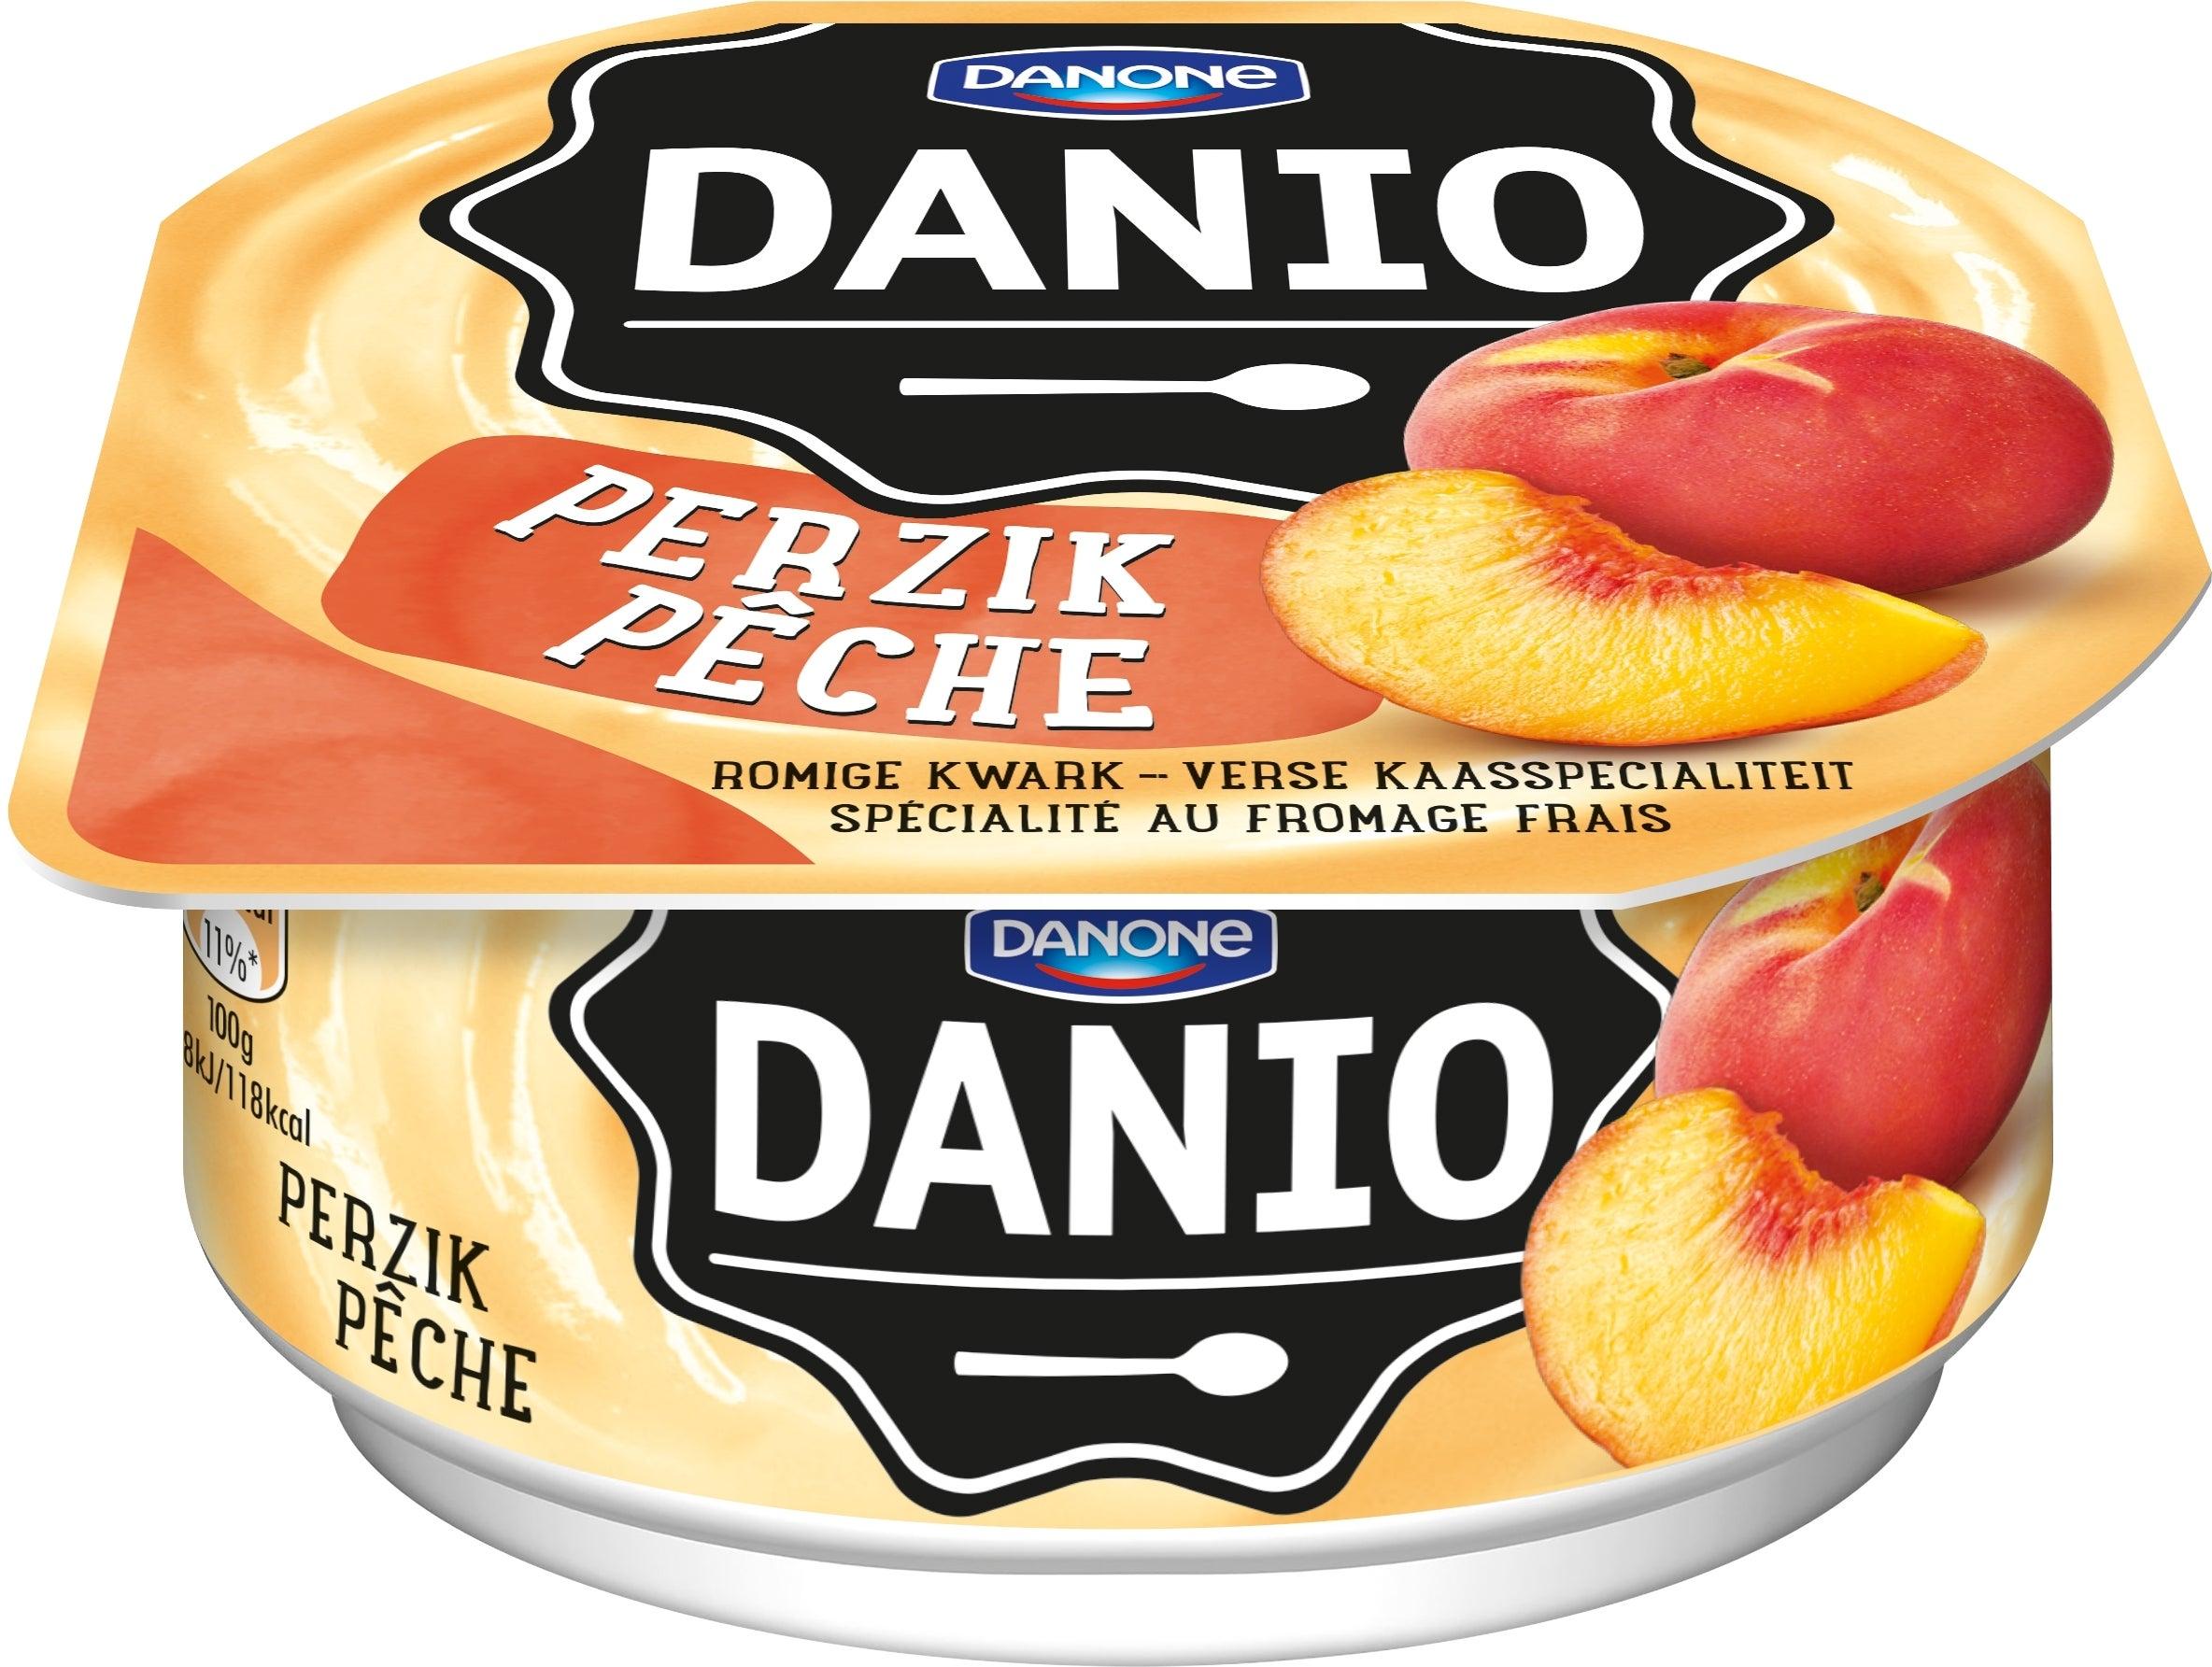 Danio Pêche